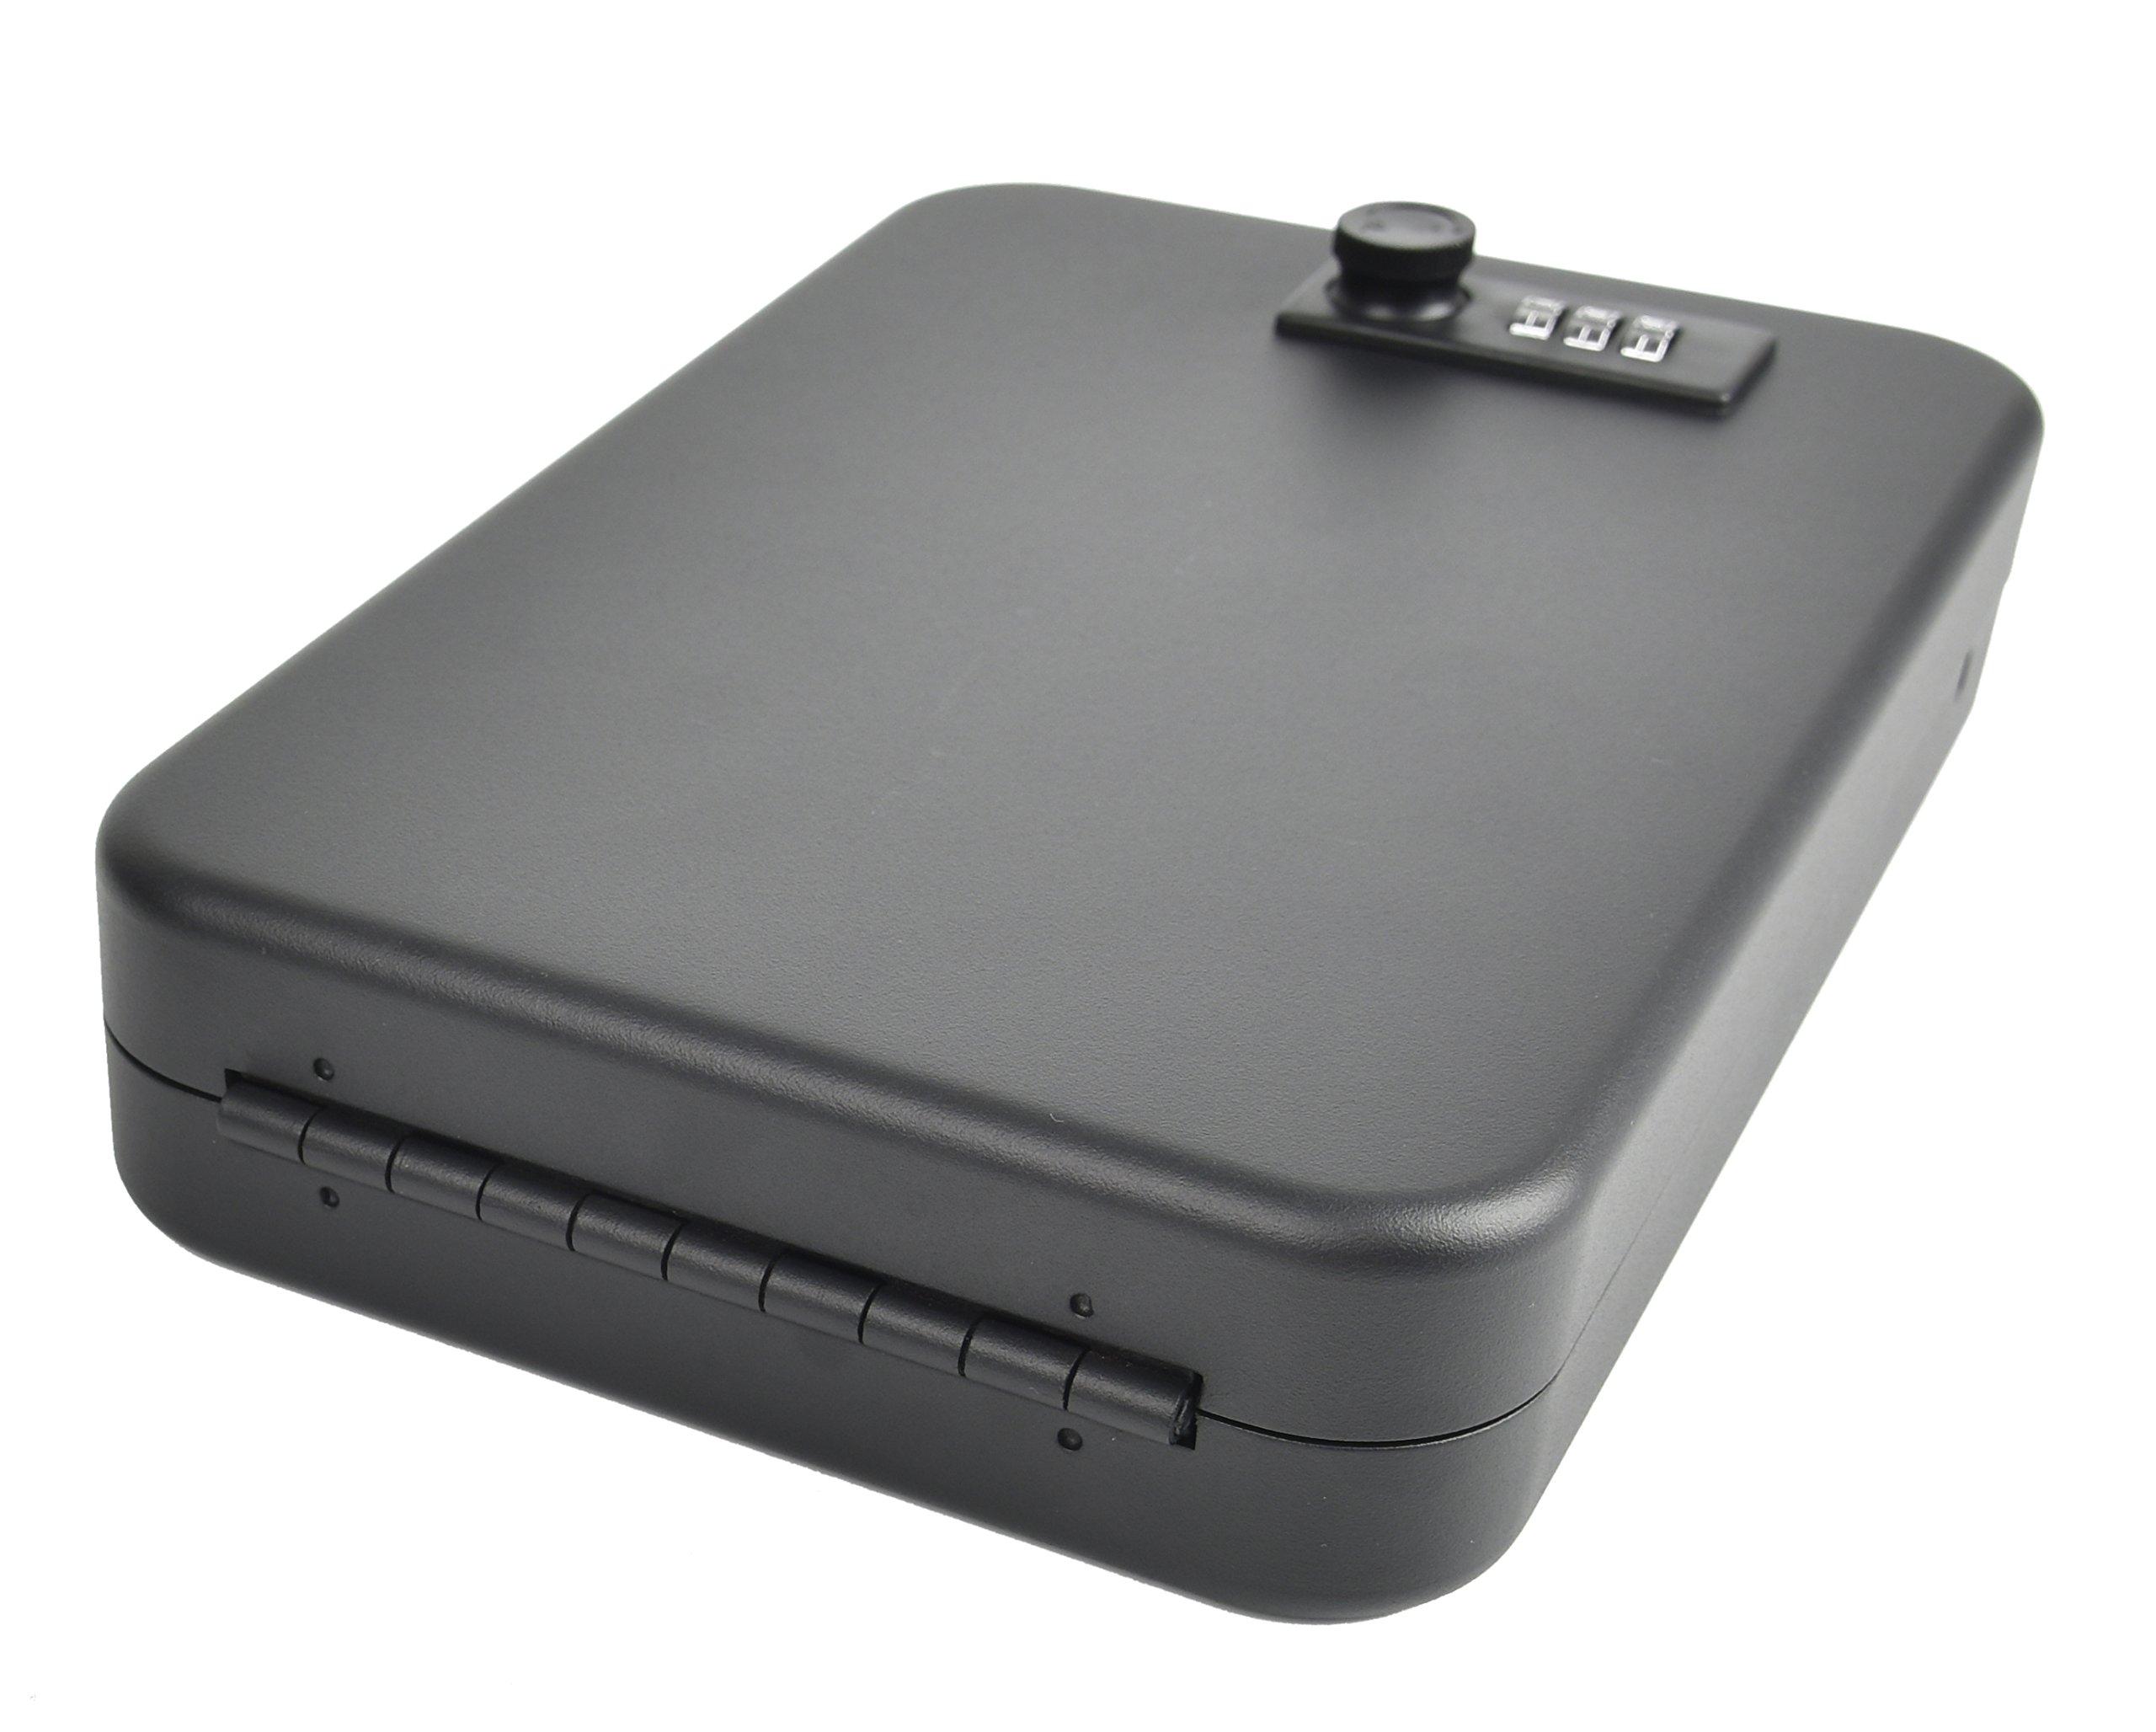 GOJOOASIS Digits Combination Lock Box for Handgun Storage Portable Steel Pistol Safe Case